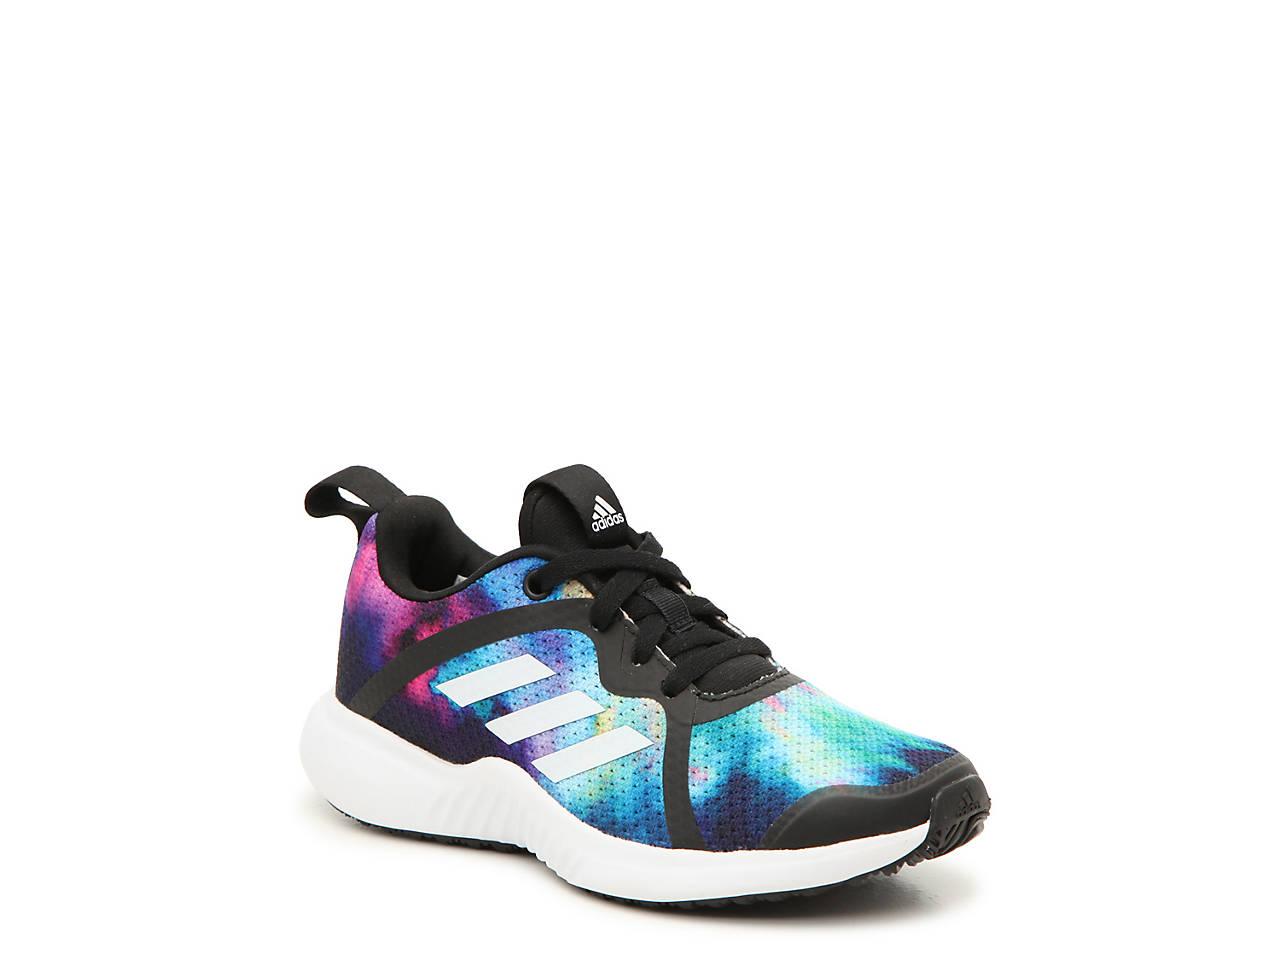 332df70c41c7 adidas Fortarun X Toddler   Youth Running Shoe Kids Shoes